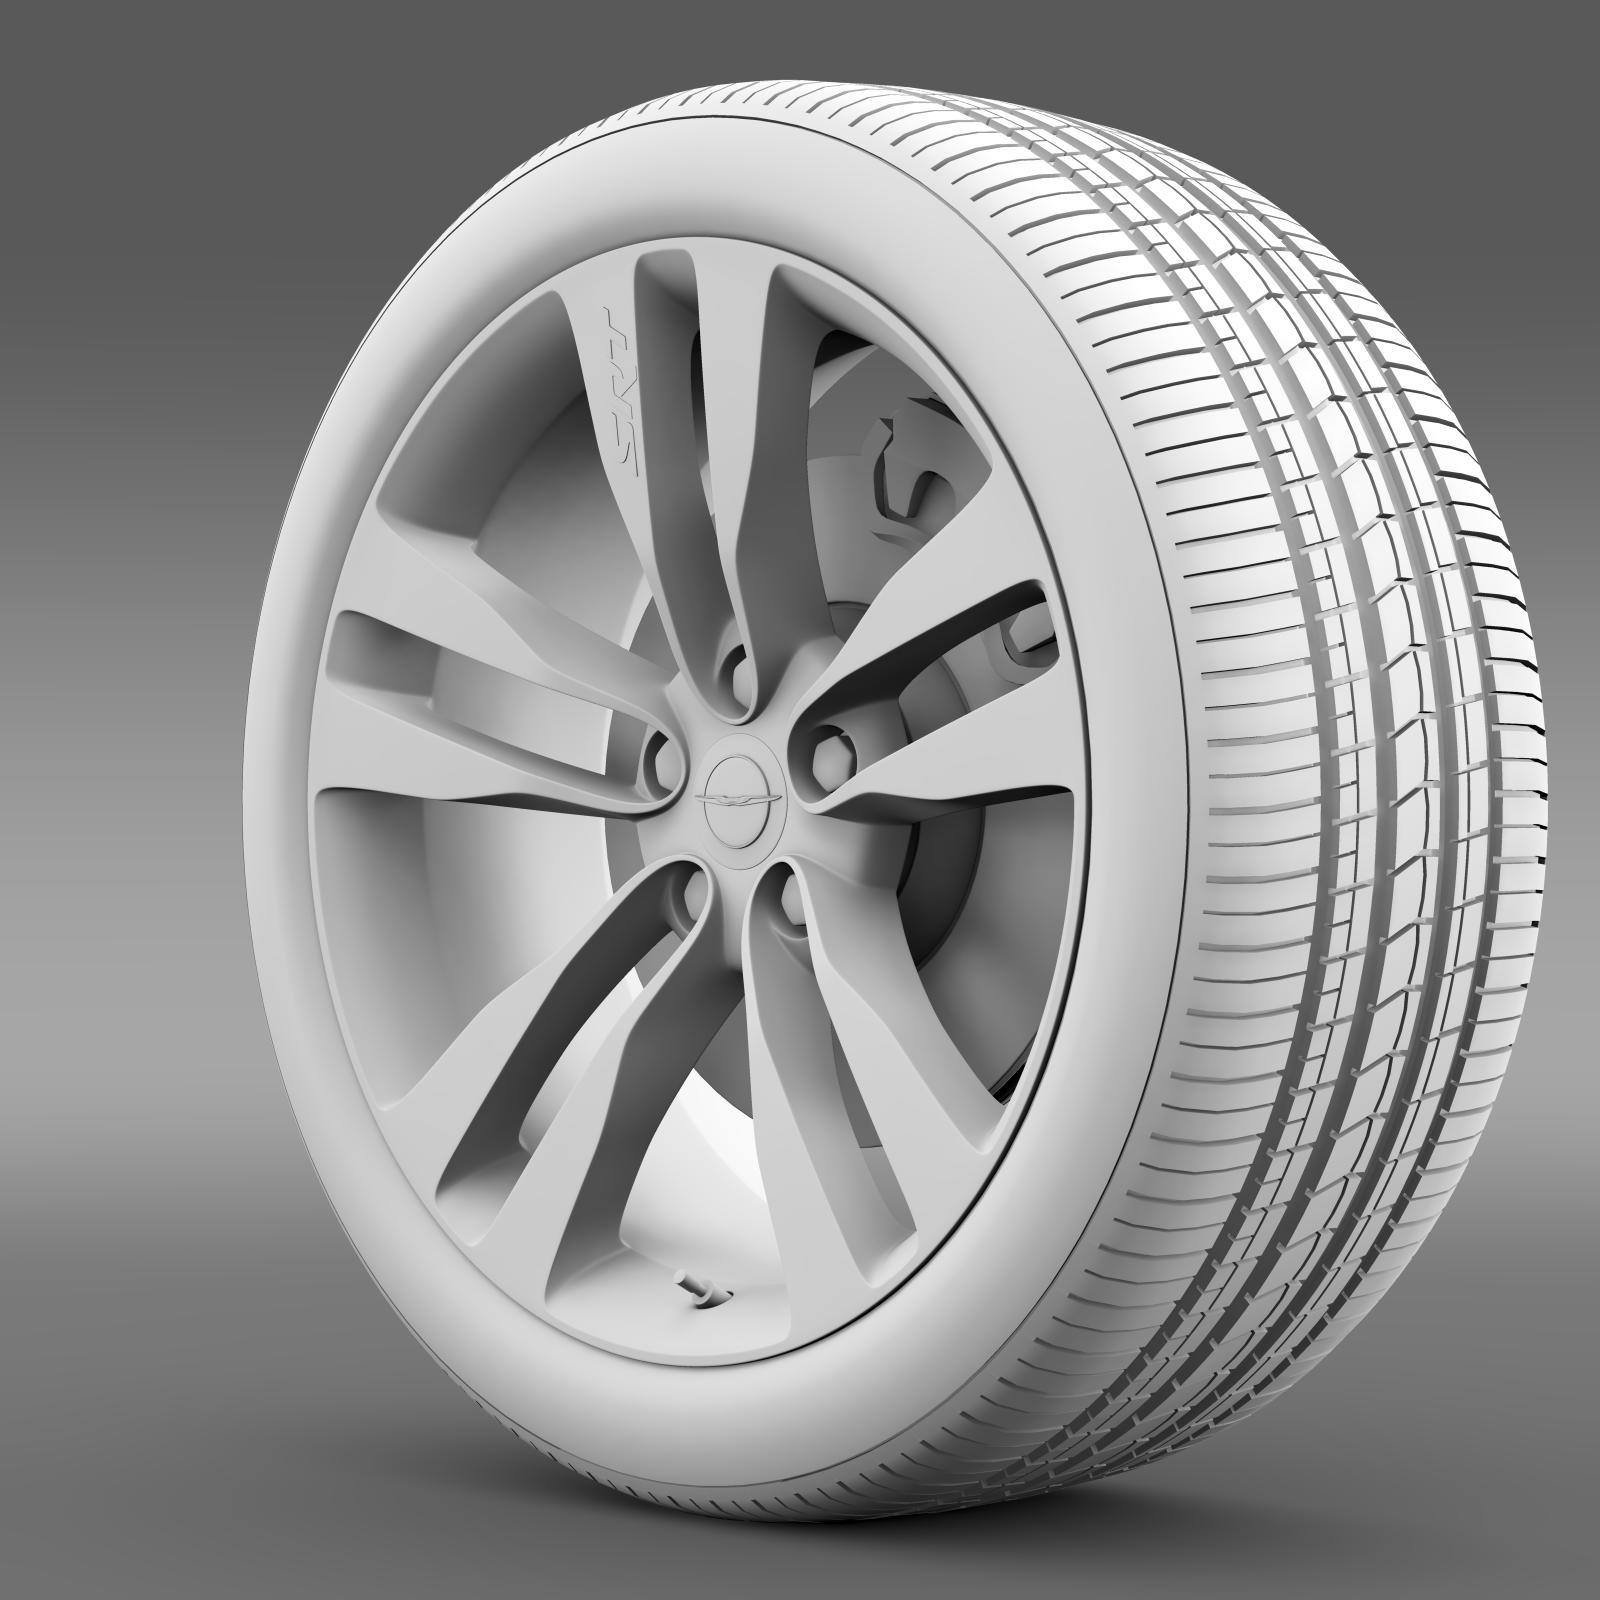 chrysler 300 srt8 satin vapor wheel 3d model 3ds max fbx c4d lwo ma mb hrc xsi obj 210646